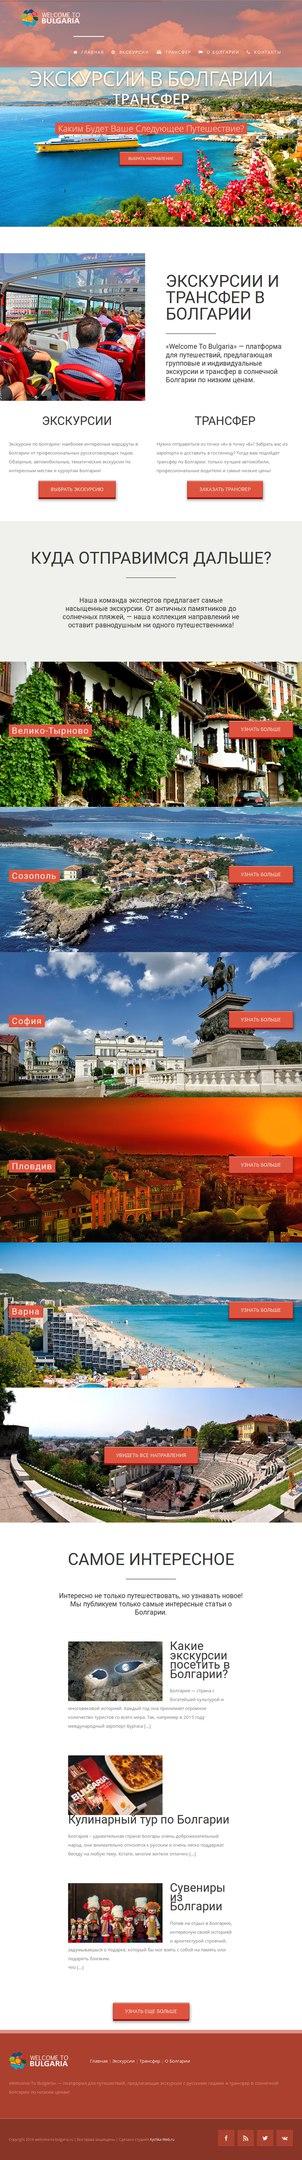 Сайт об Экскурсиях и Трансфере в Болгарии